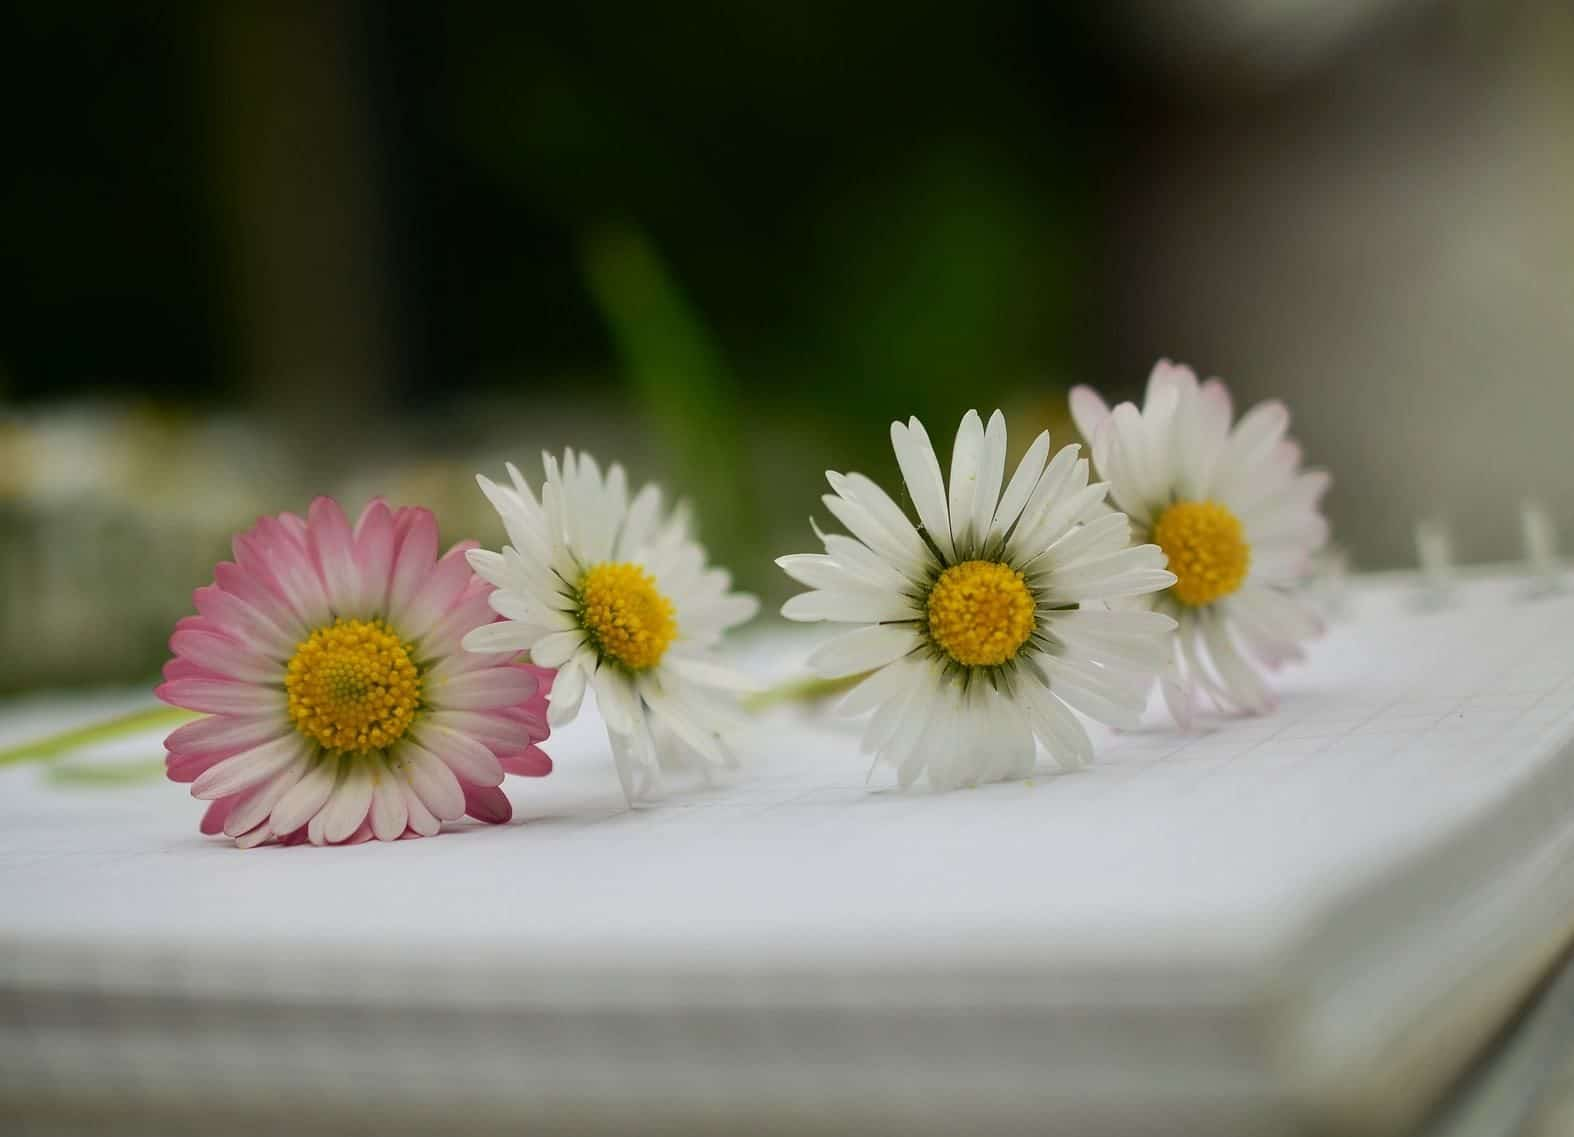 מחברת דף חדש עם פרחים מונחים עליה